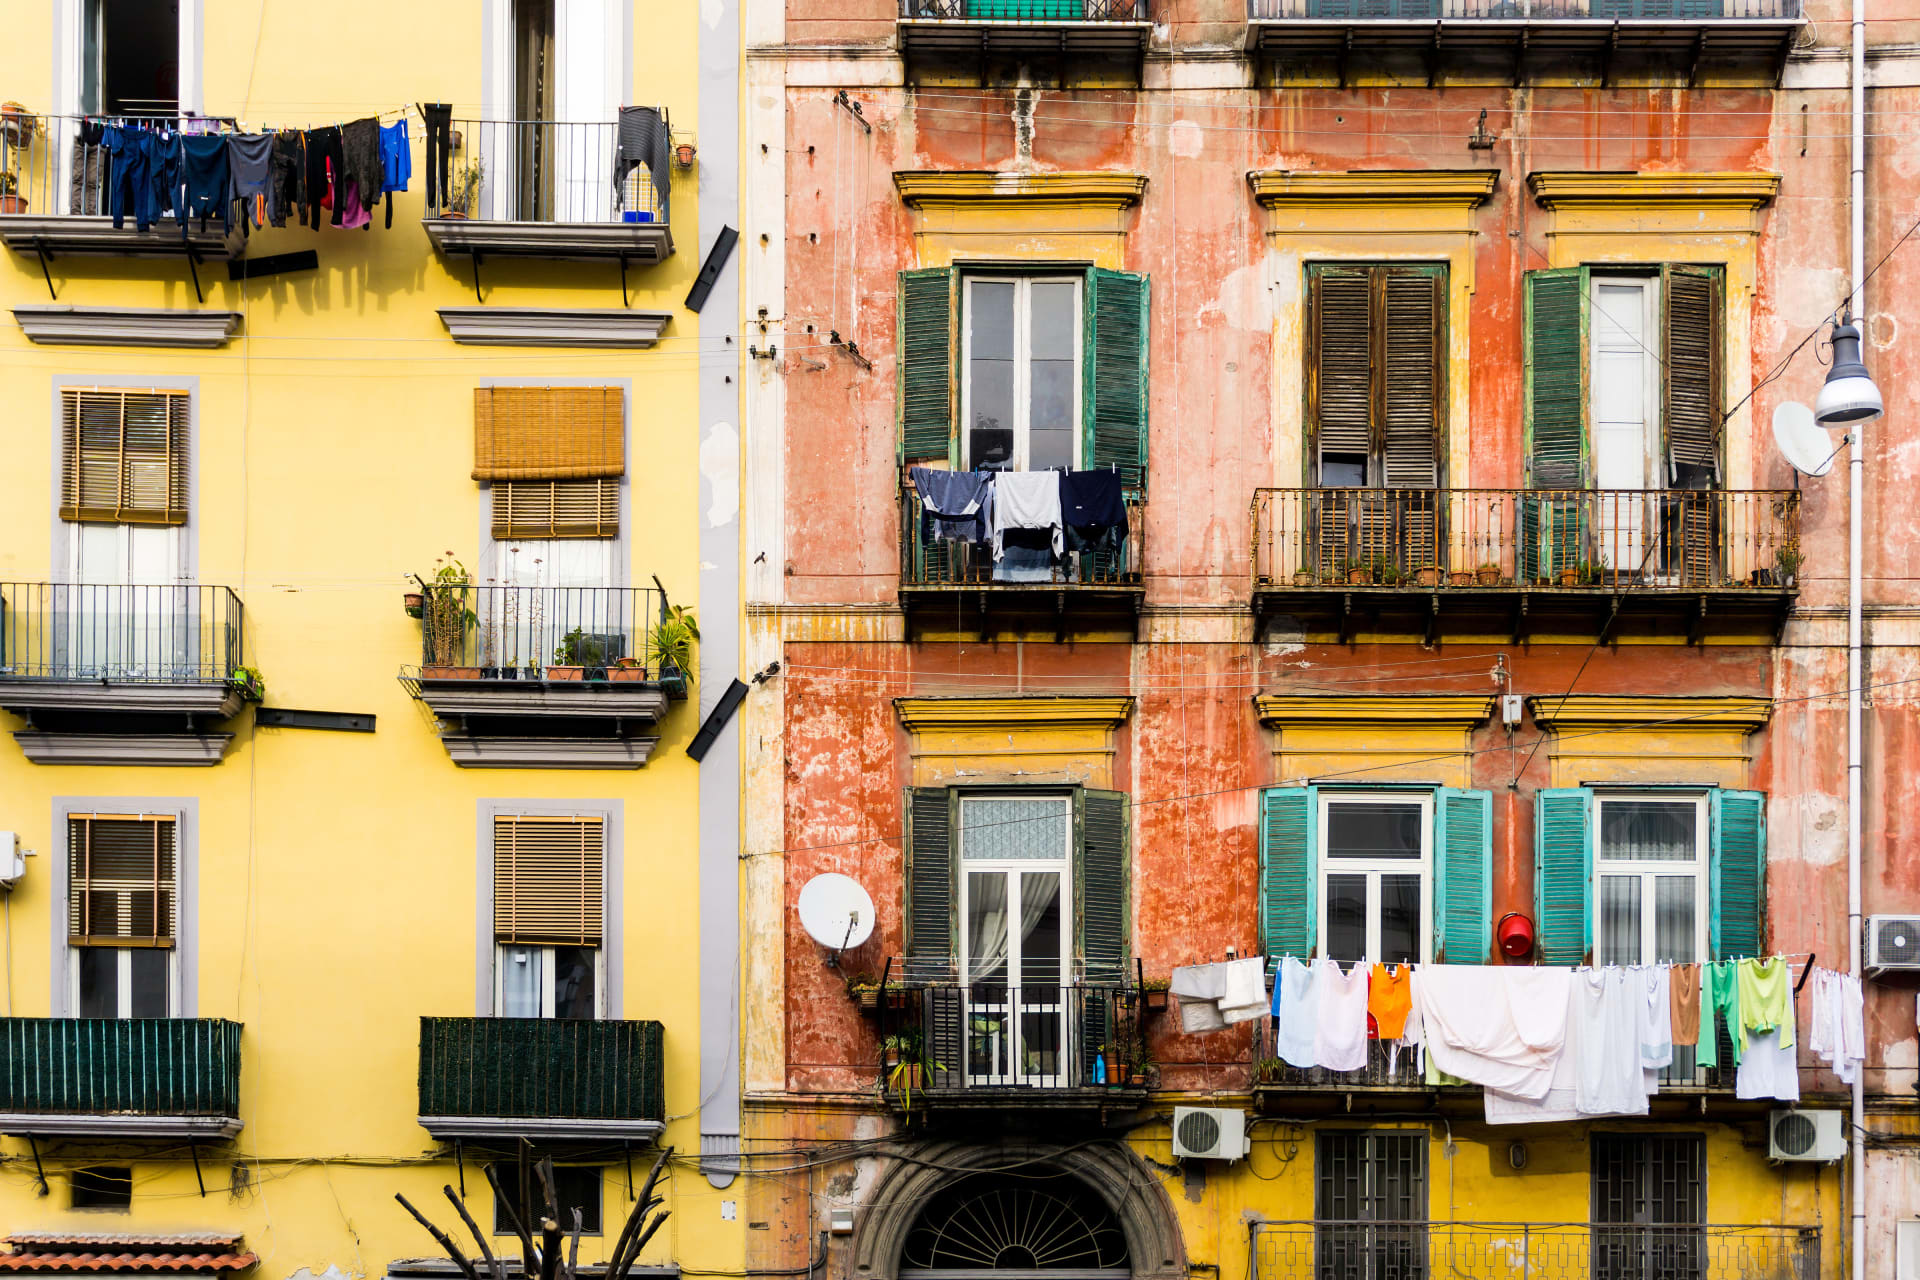 Naples - Elena Ferrante: My Brilliant Friend in Naples